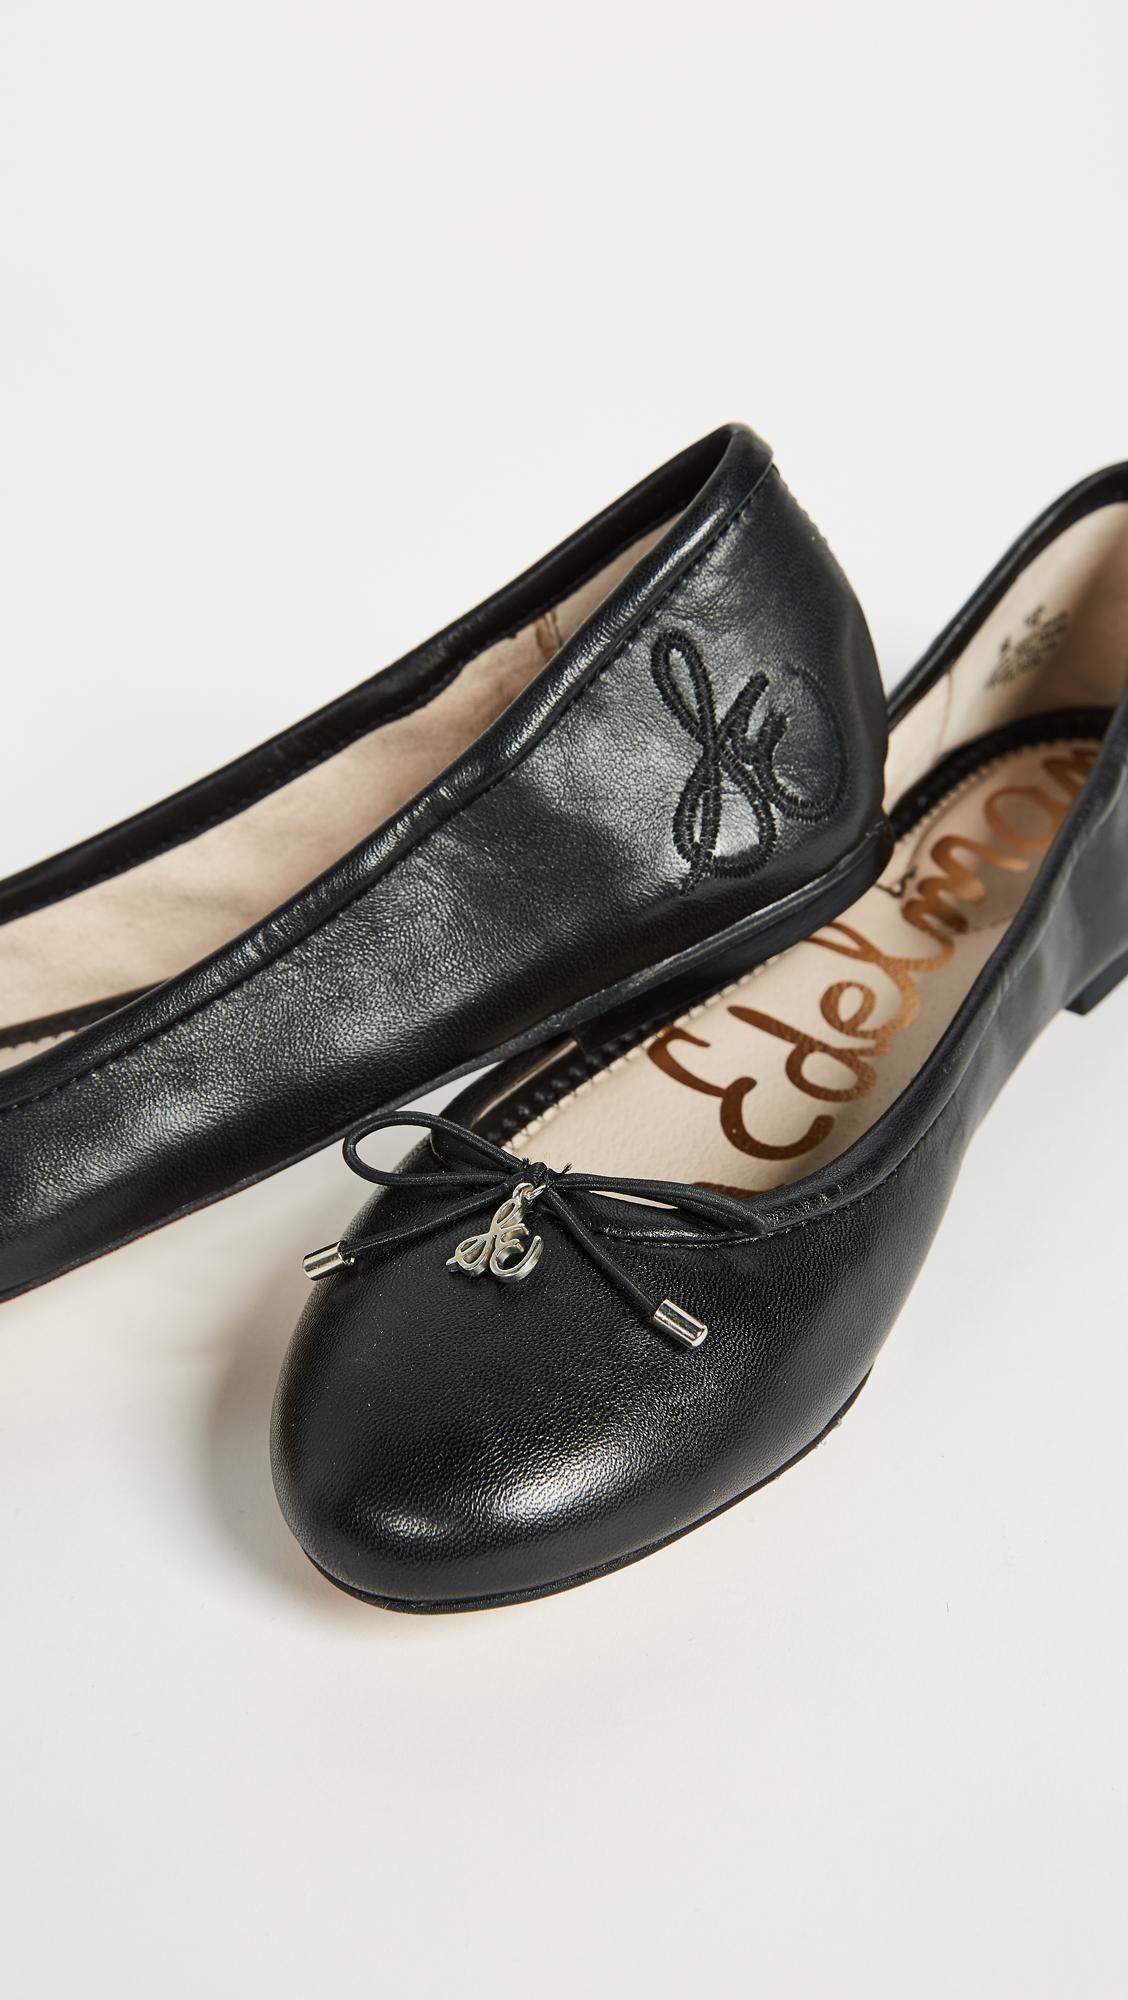 428126f7ca2c Sam Edelman Felicia Ballet Flats